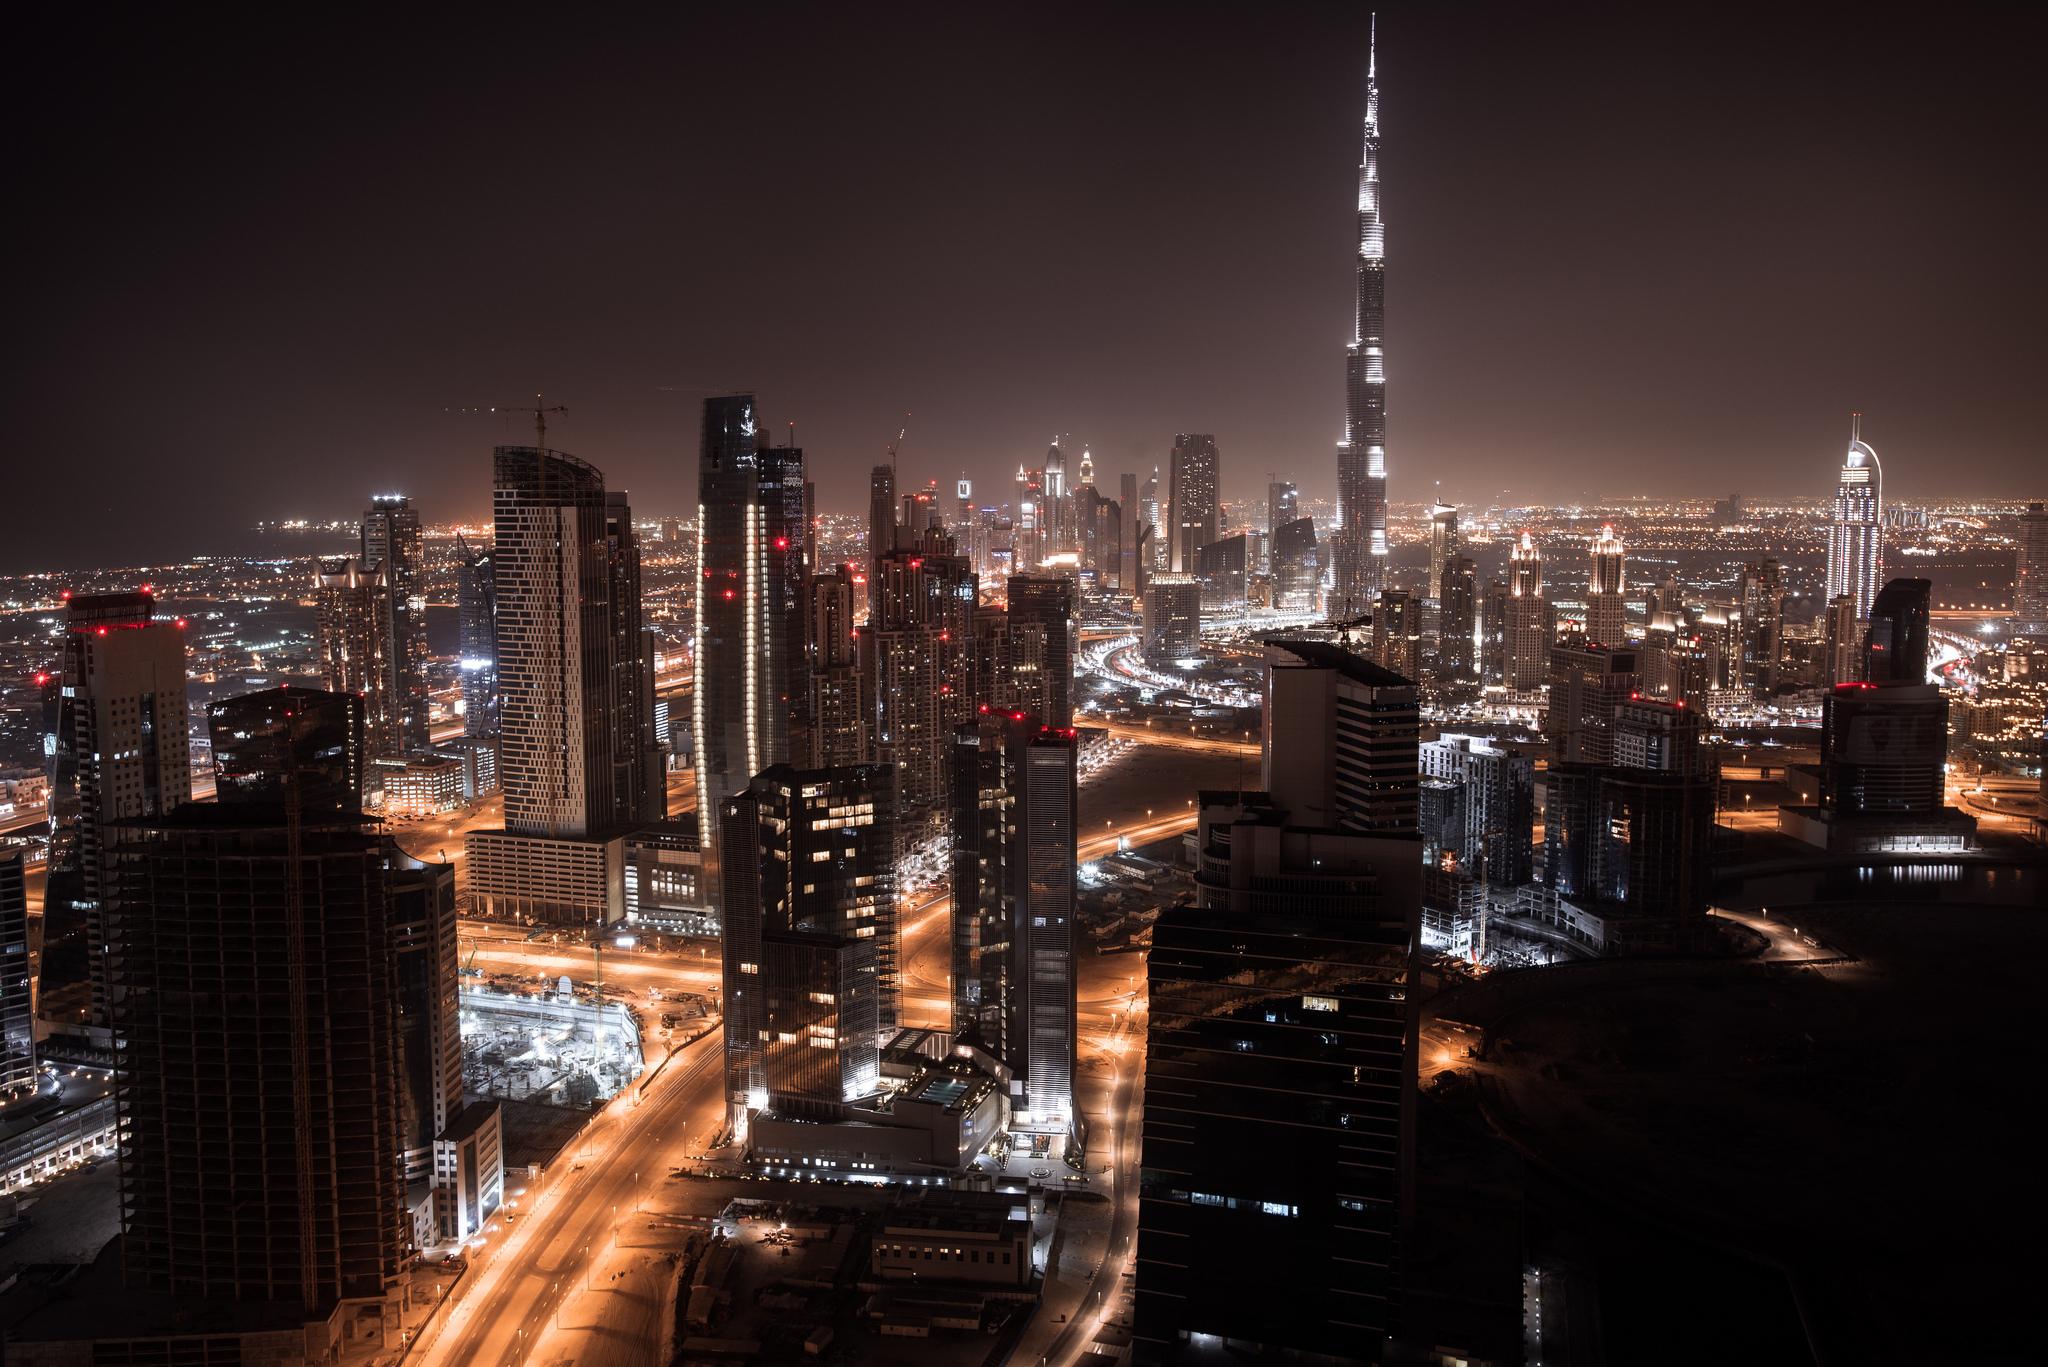 небоскребы ночь город  № 3358920  скачать